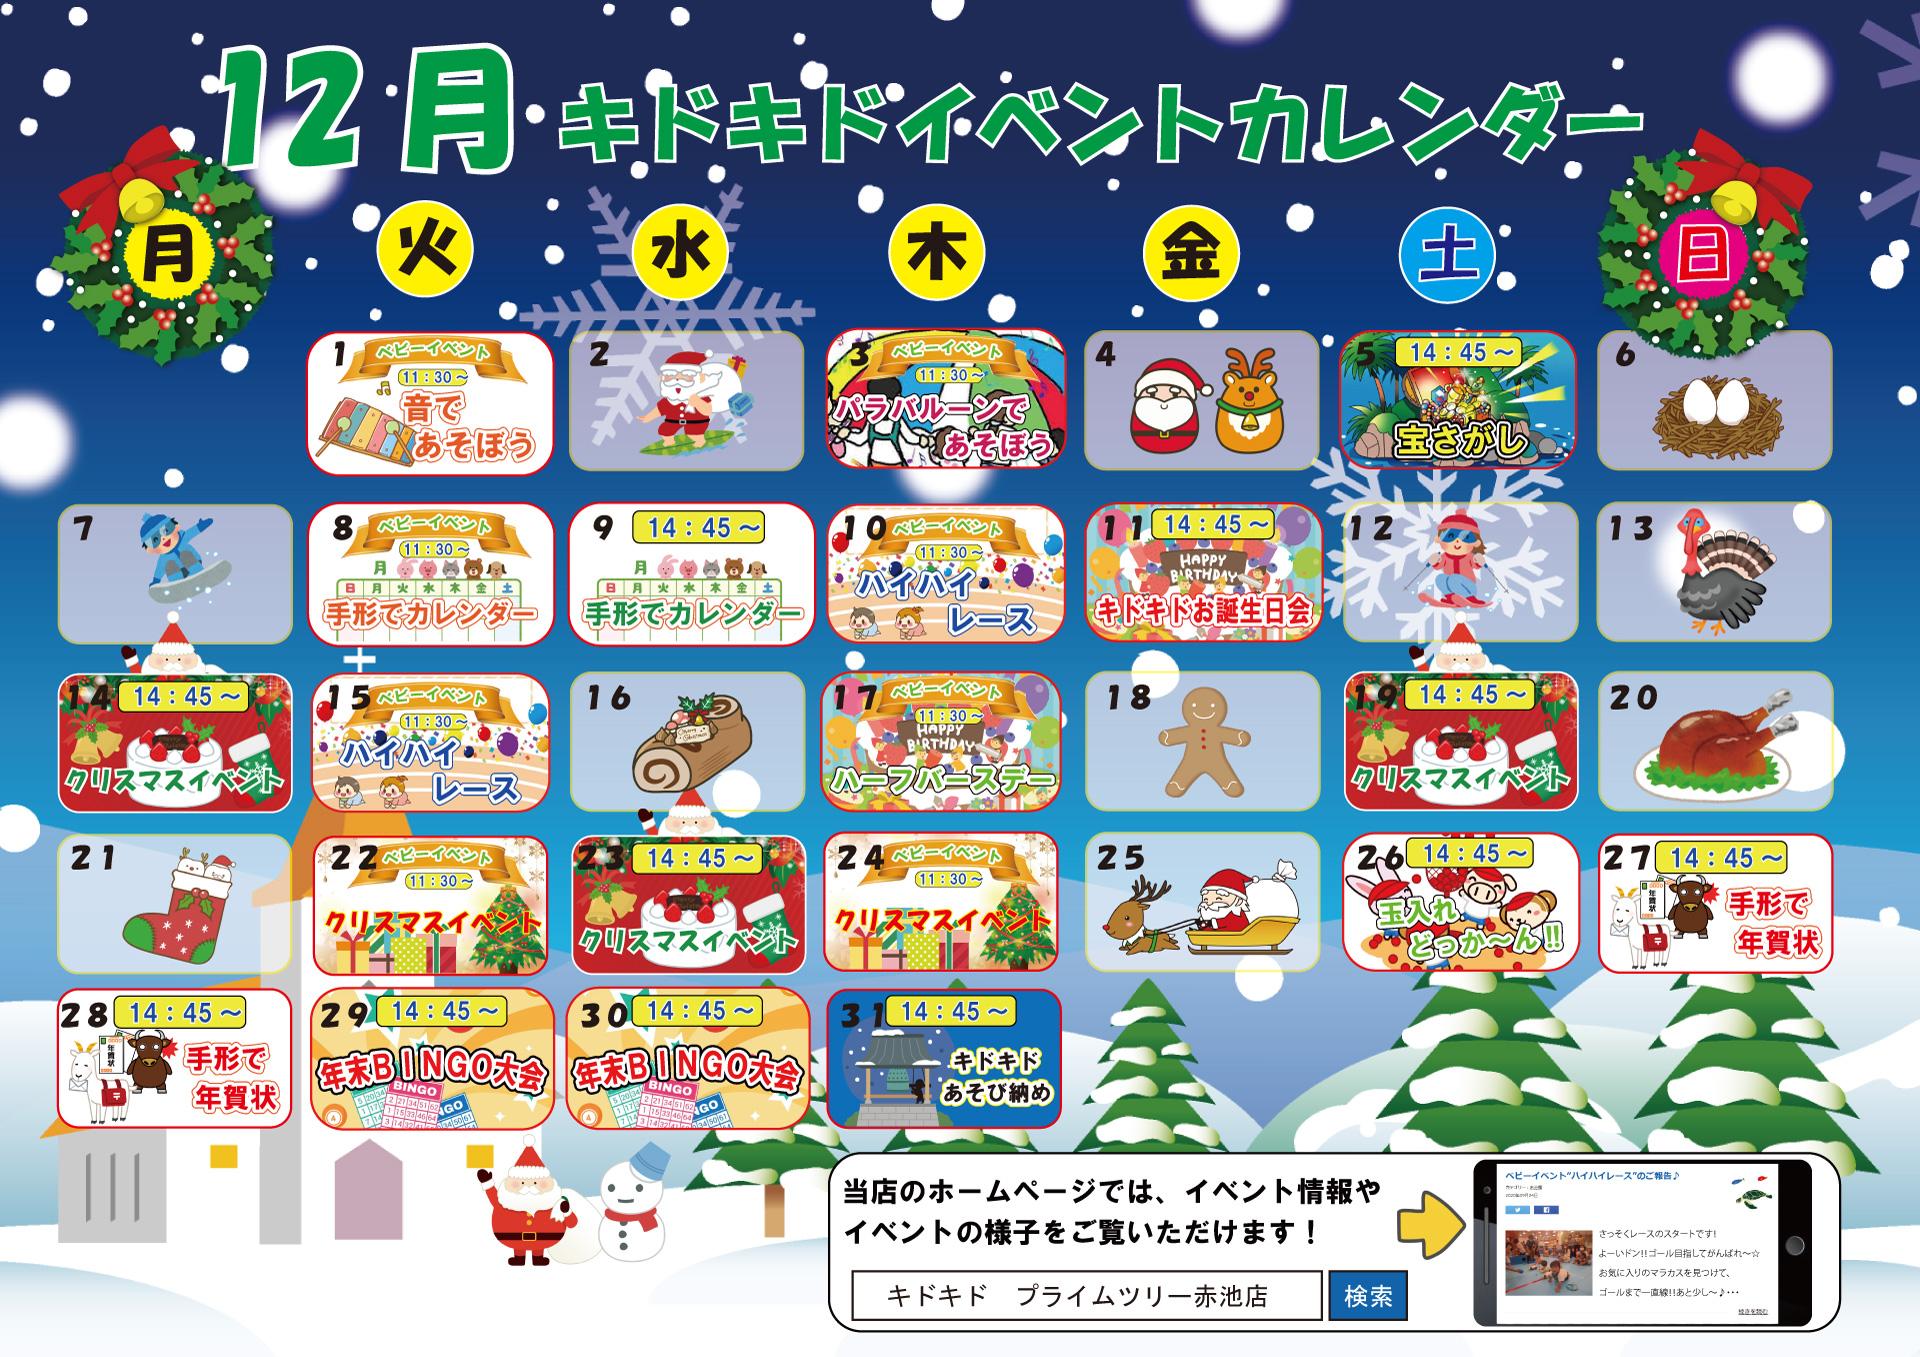 ☆12月イベントカレンダー☆